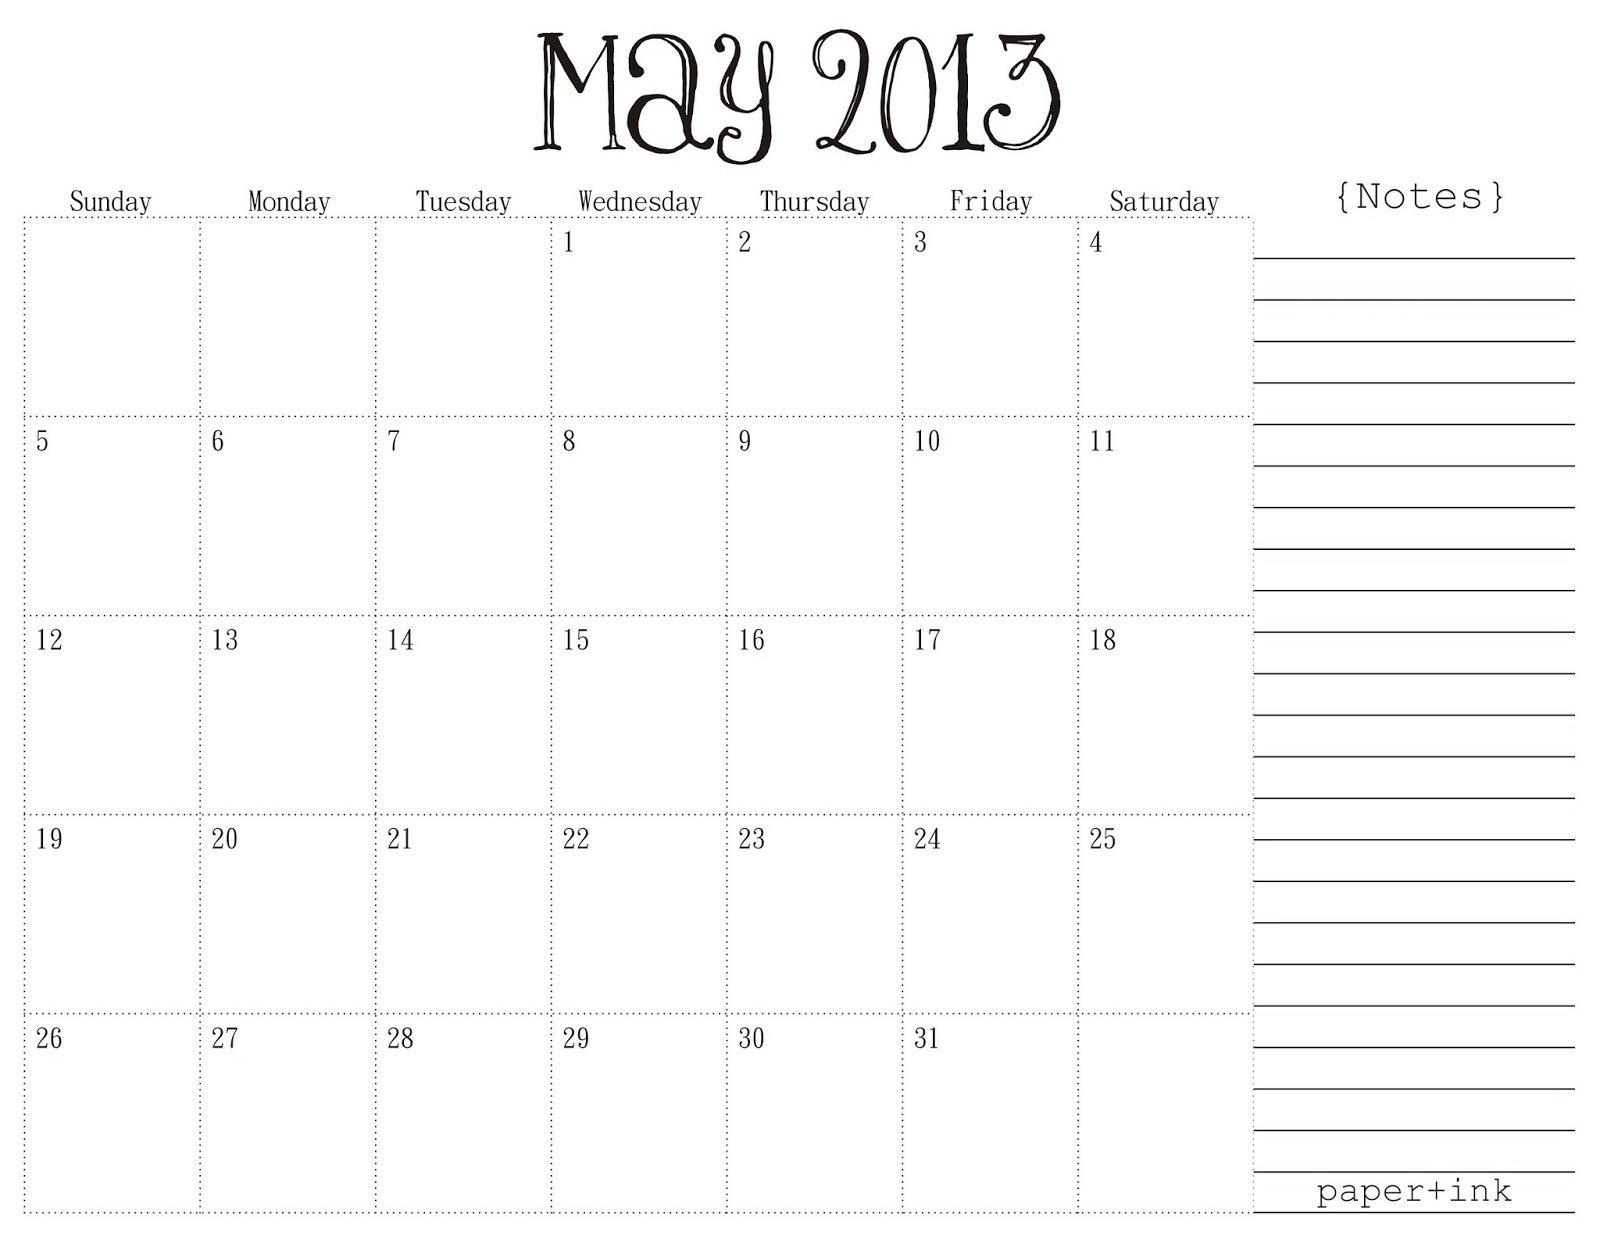 Free Printable Calendar: May 2013 Free Weekly Numbered 52 Week Calendar Printable